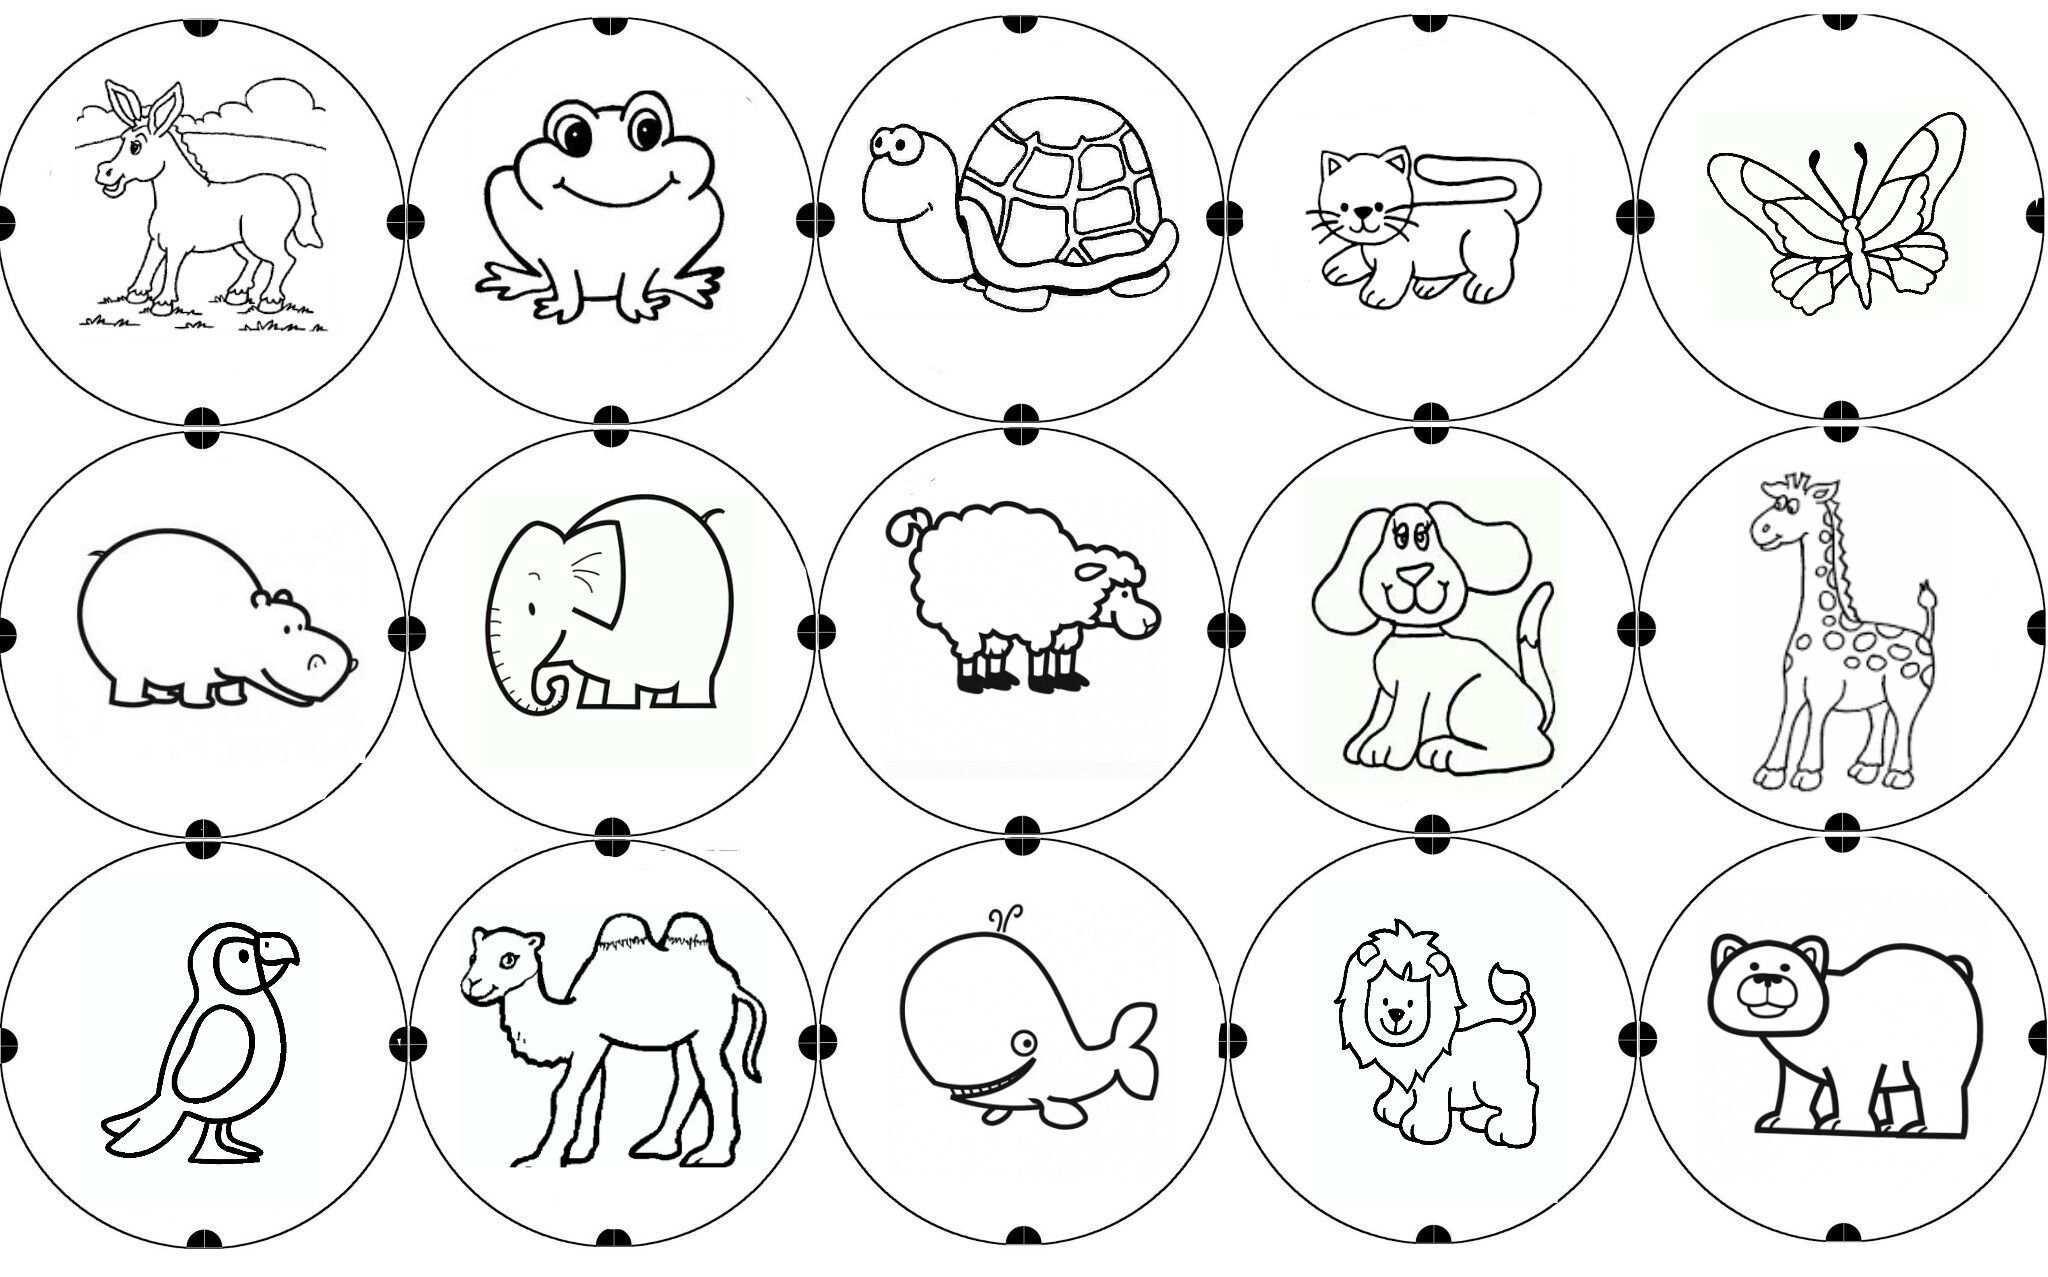 Xoomy Des Modeles En Plus Activites Pour Enfants Forum Vie Pratique Dessin Xoomy Dessin A Imprimer Dessin